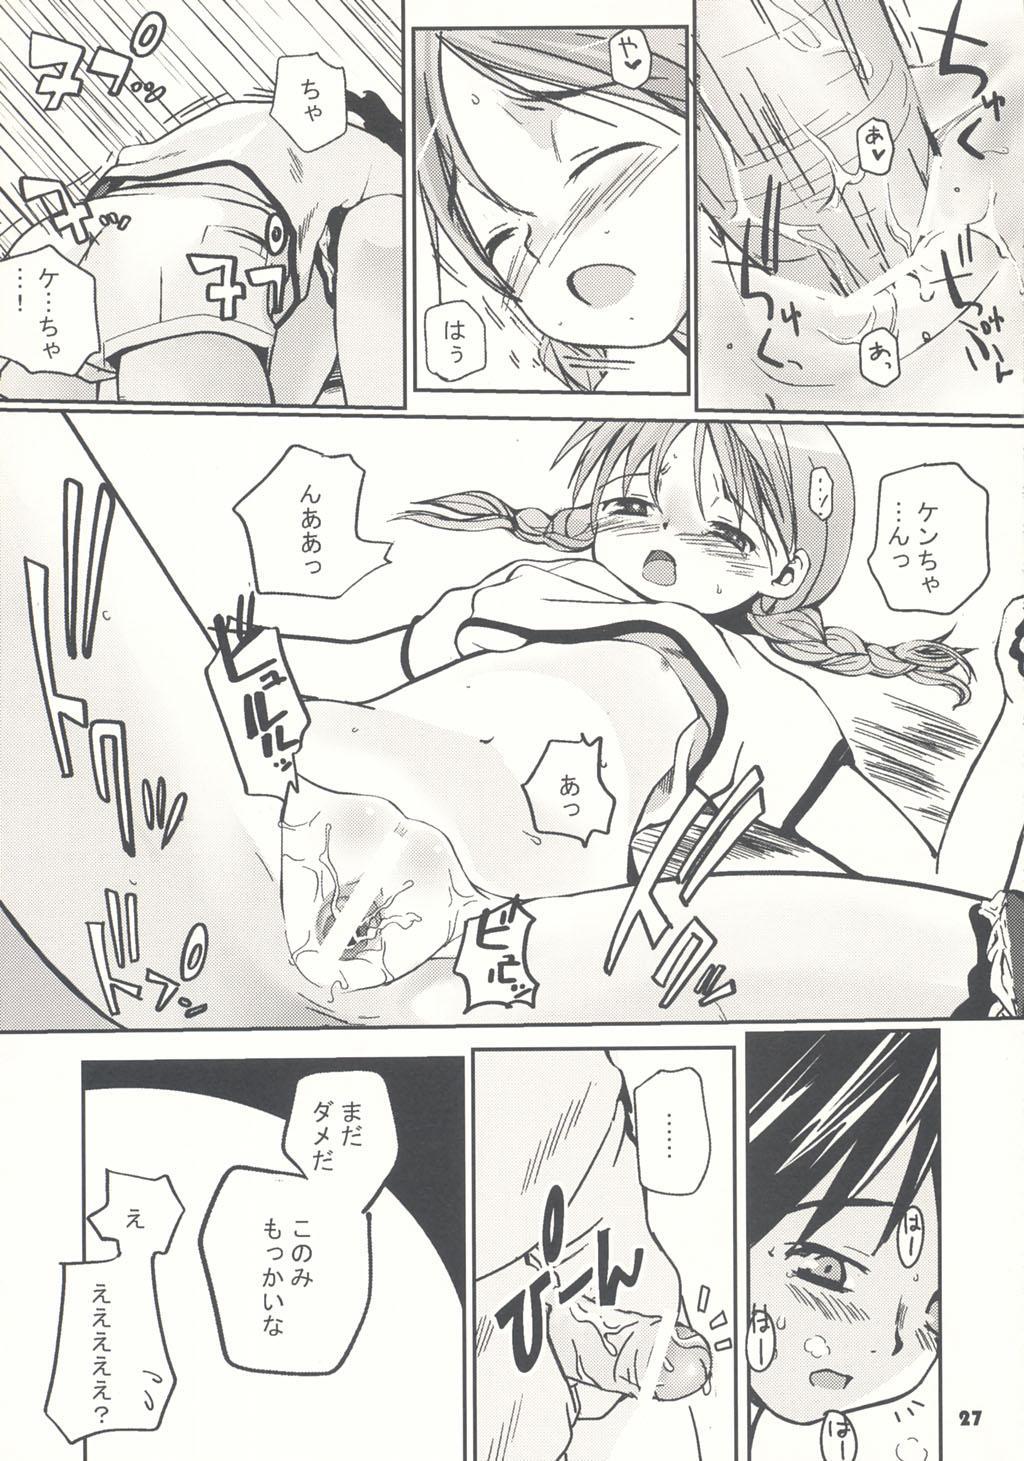 Tonari no Kimi 1-gakki 26